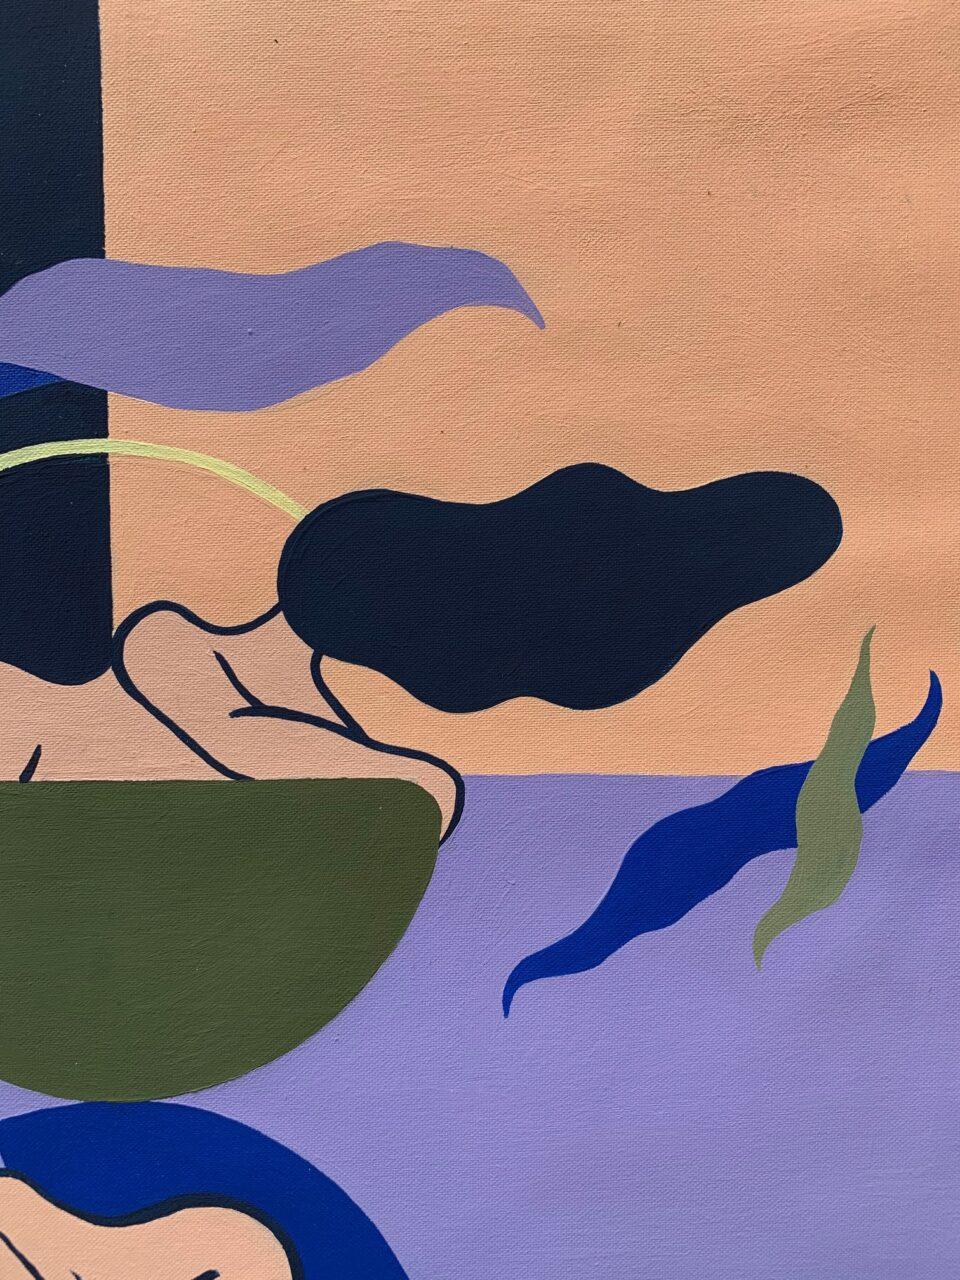 Acrylic on canvas, 61 x 41 cm, 2020